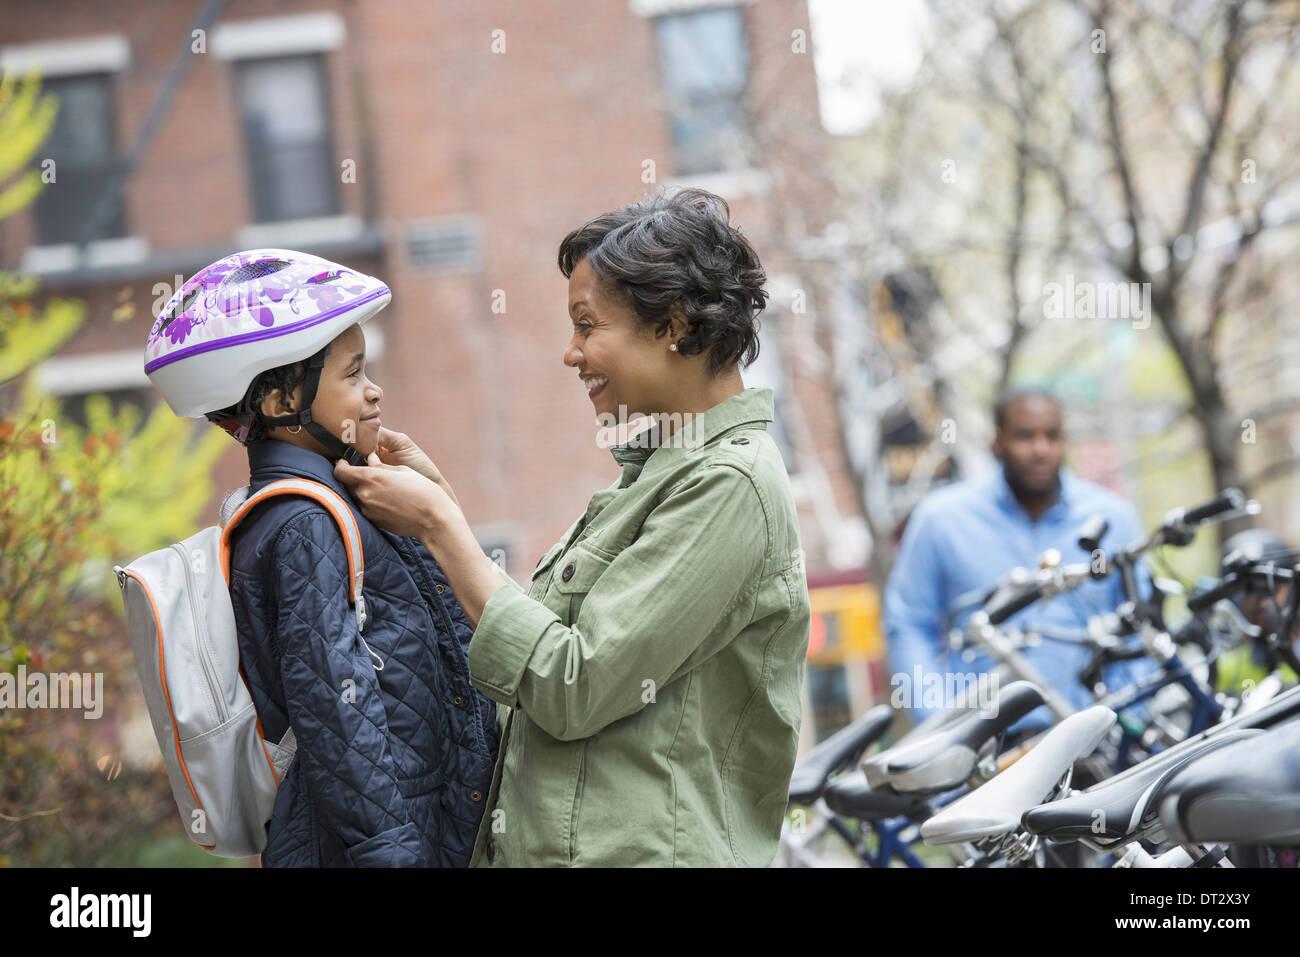 Un niño en un ciclo casco que se sujeta por su madre junto a un portabicicletas Imagen De Stock